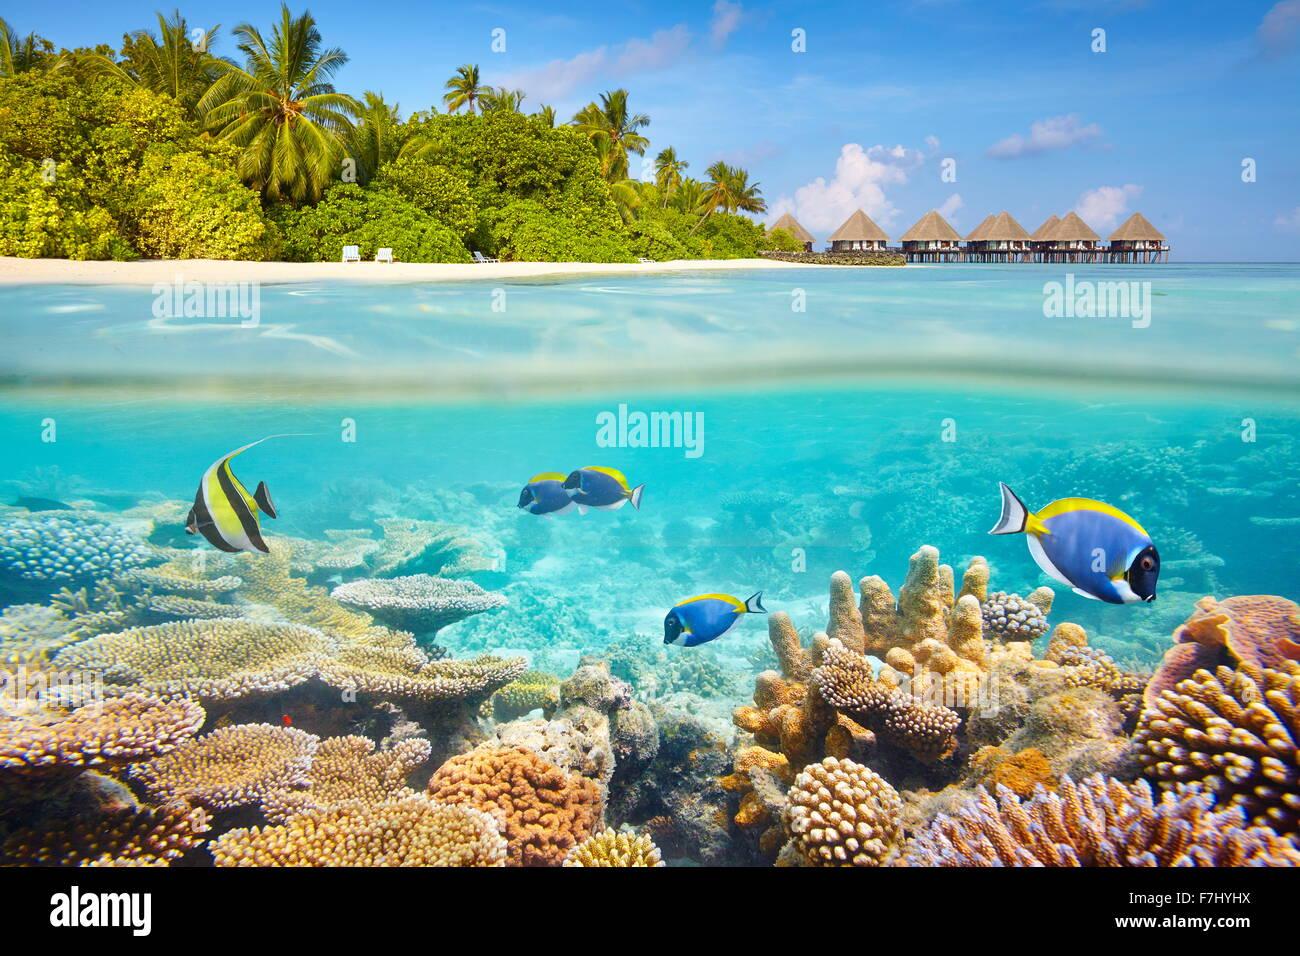 Vista submarina tropical con arrecifes y peces, las Maldivas Imagen De Stock